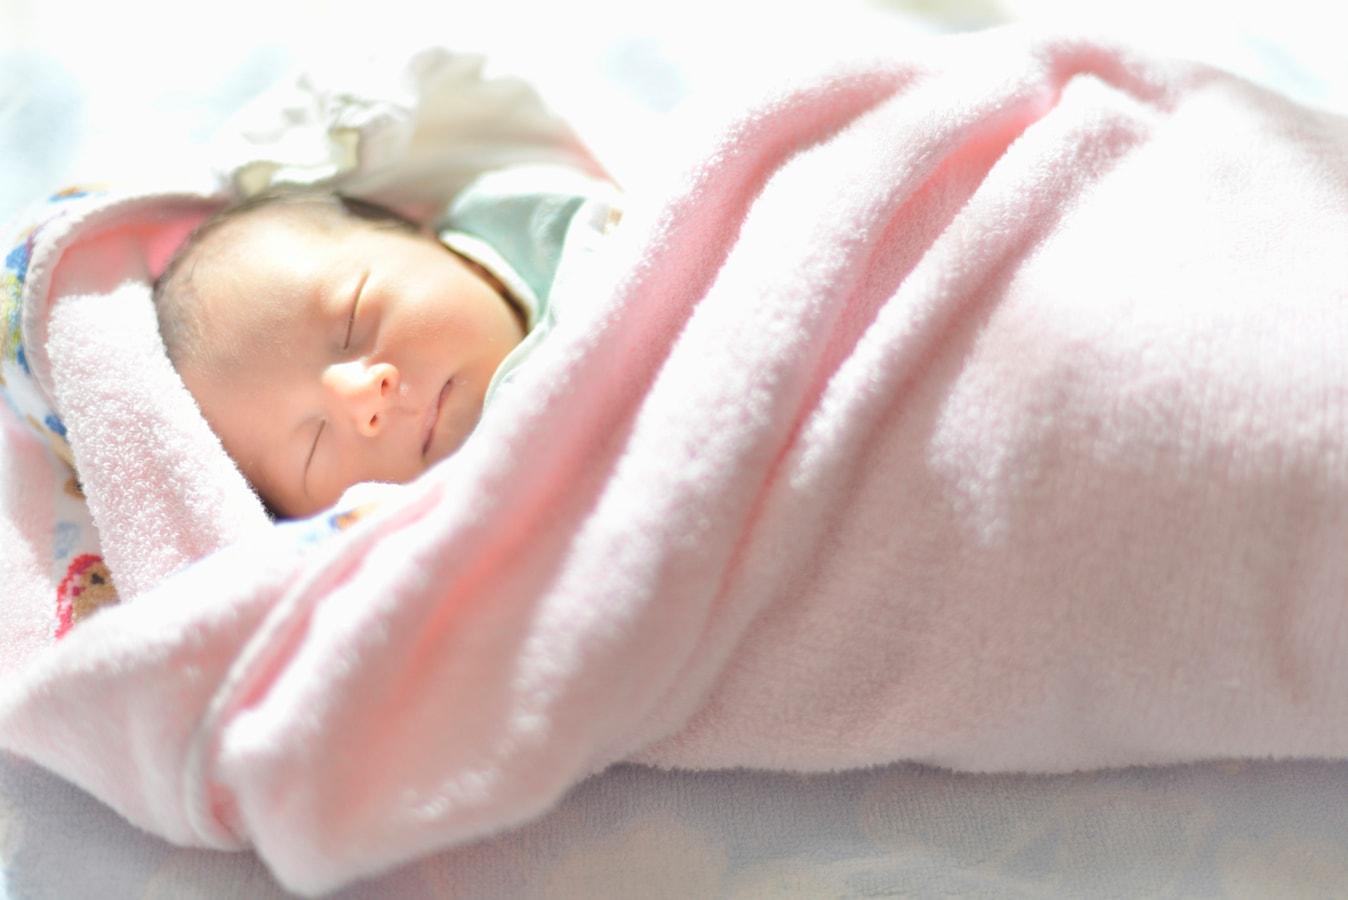 新生児 昼間 寝 ない